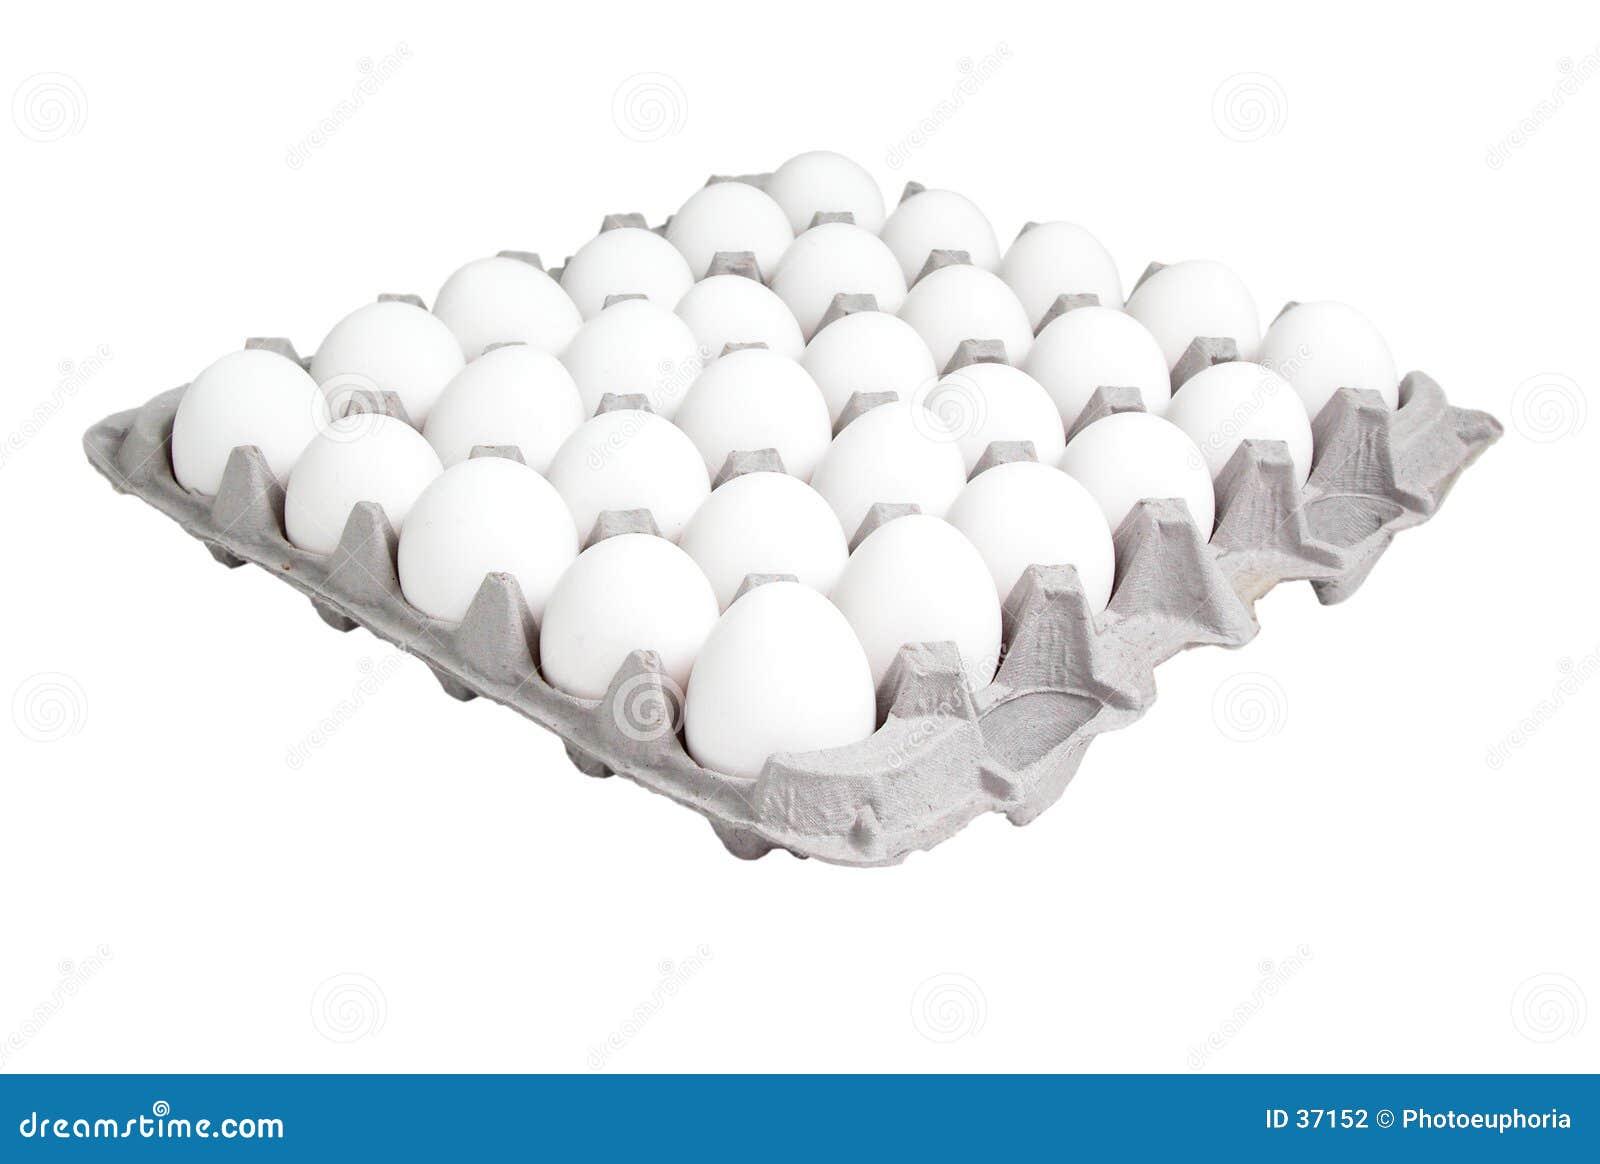 24 mat för lådaräkningsägg